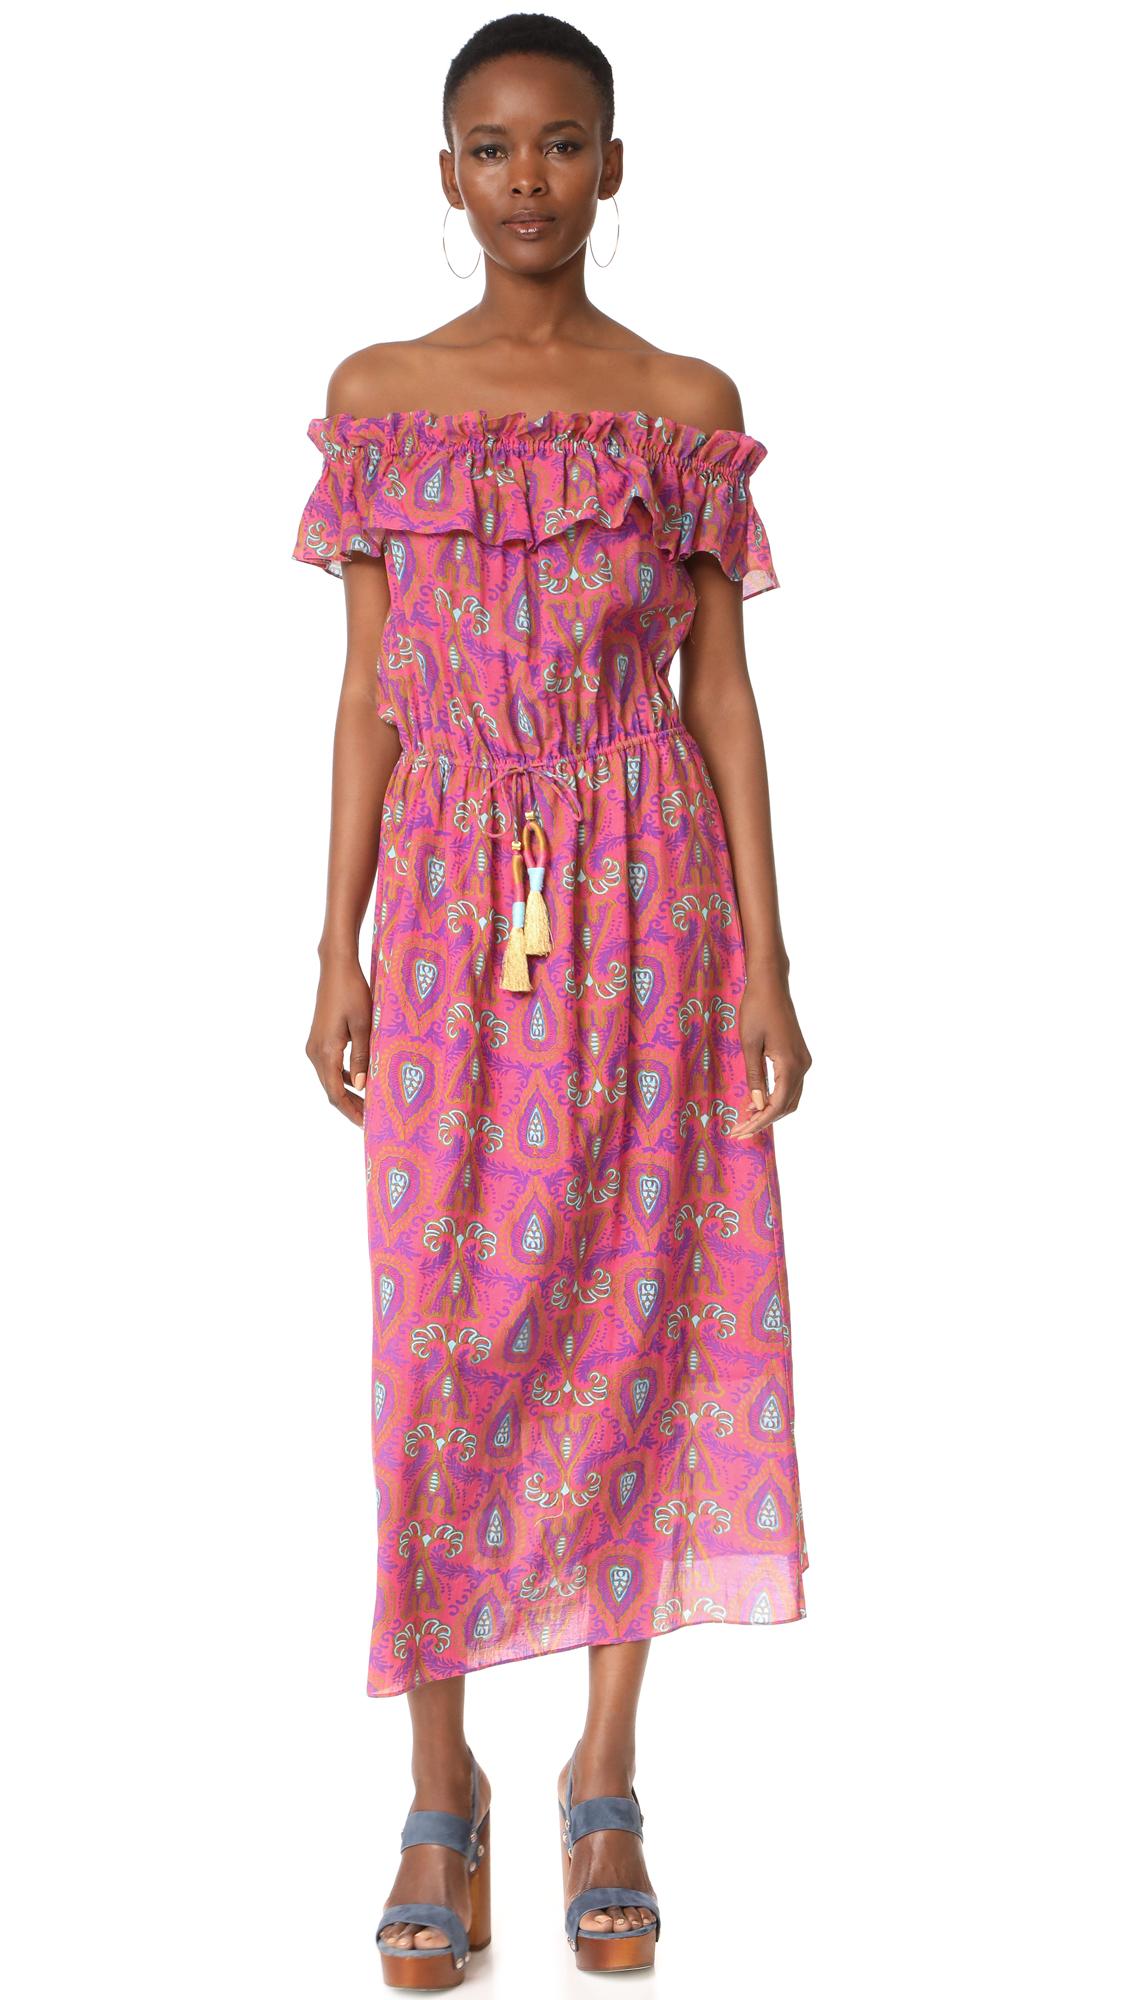 Figue Maya Dress - Ibiza Pink Paisley